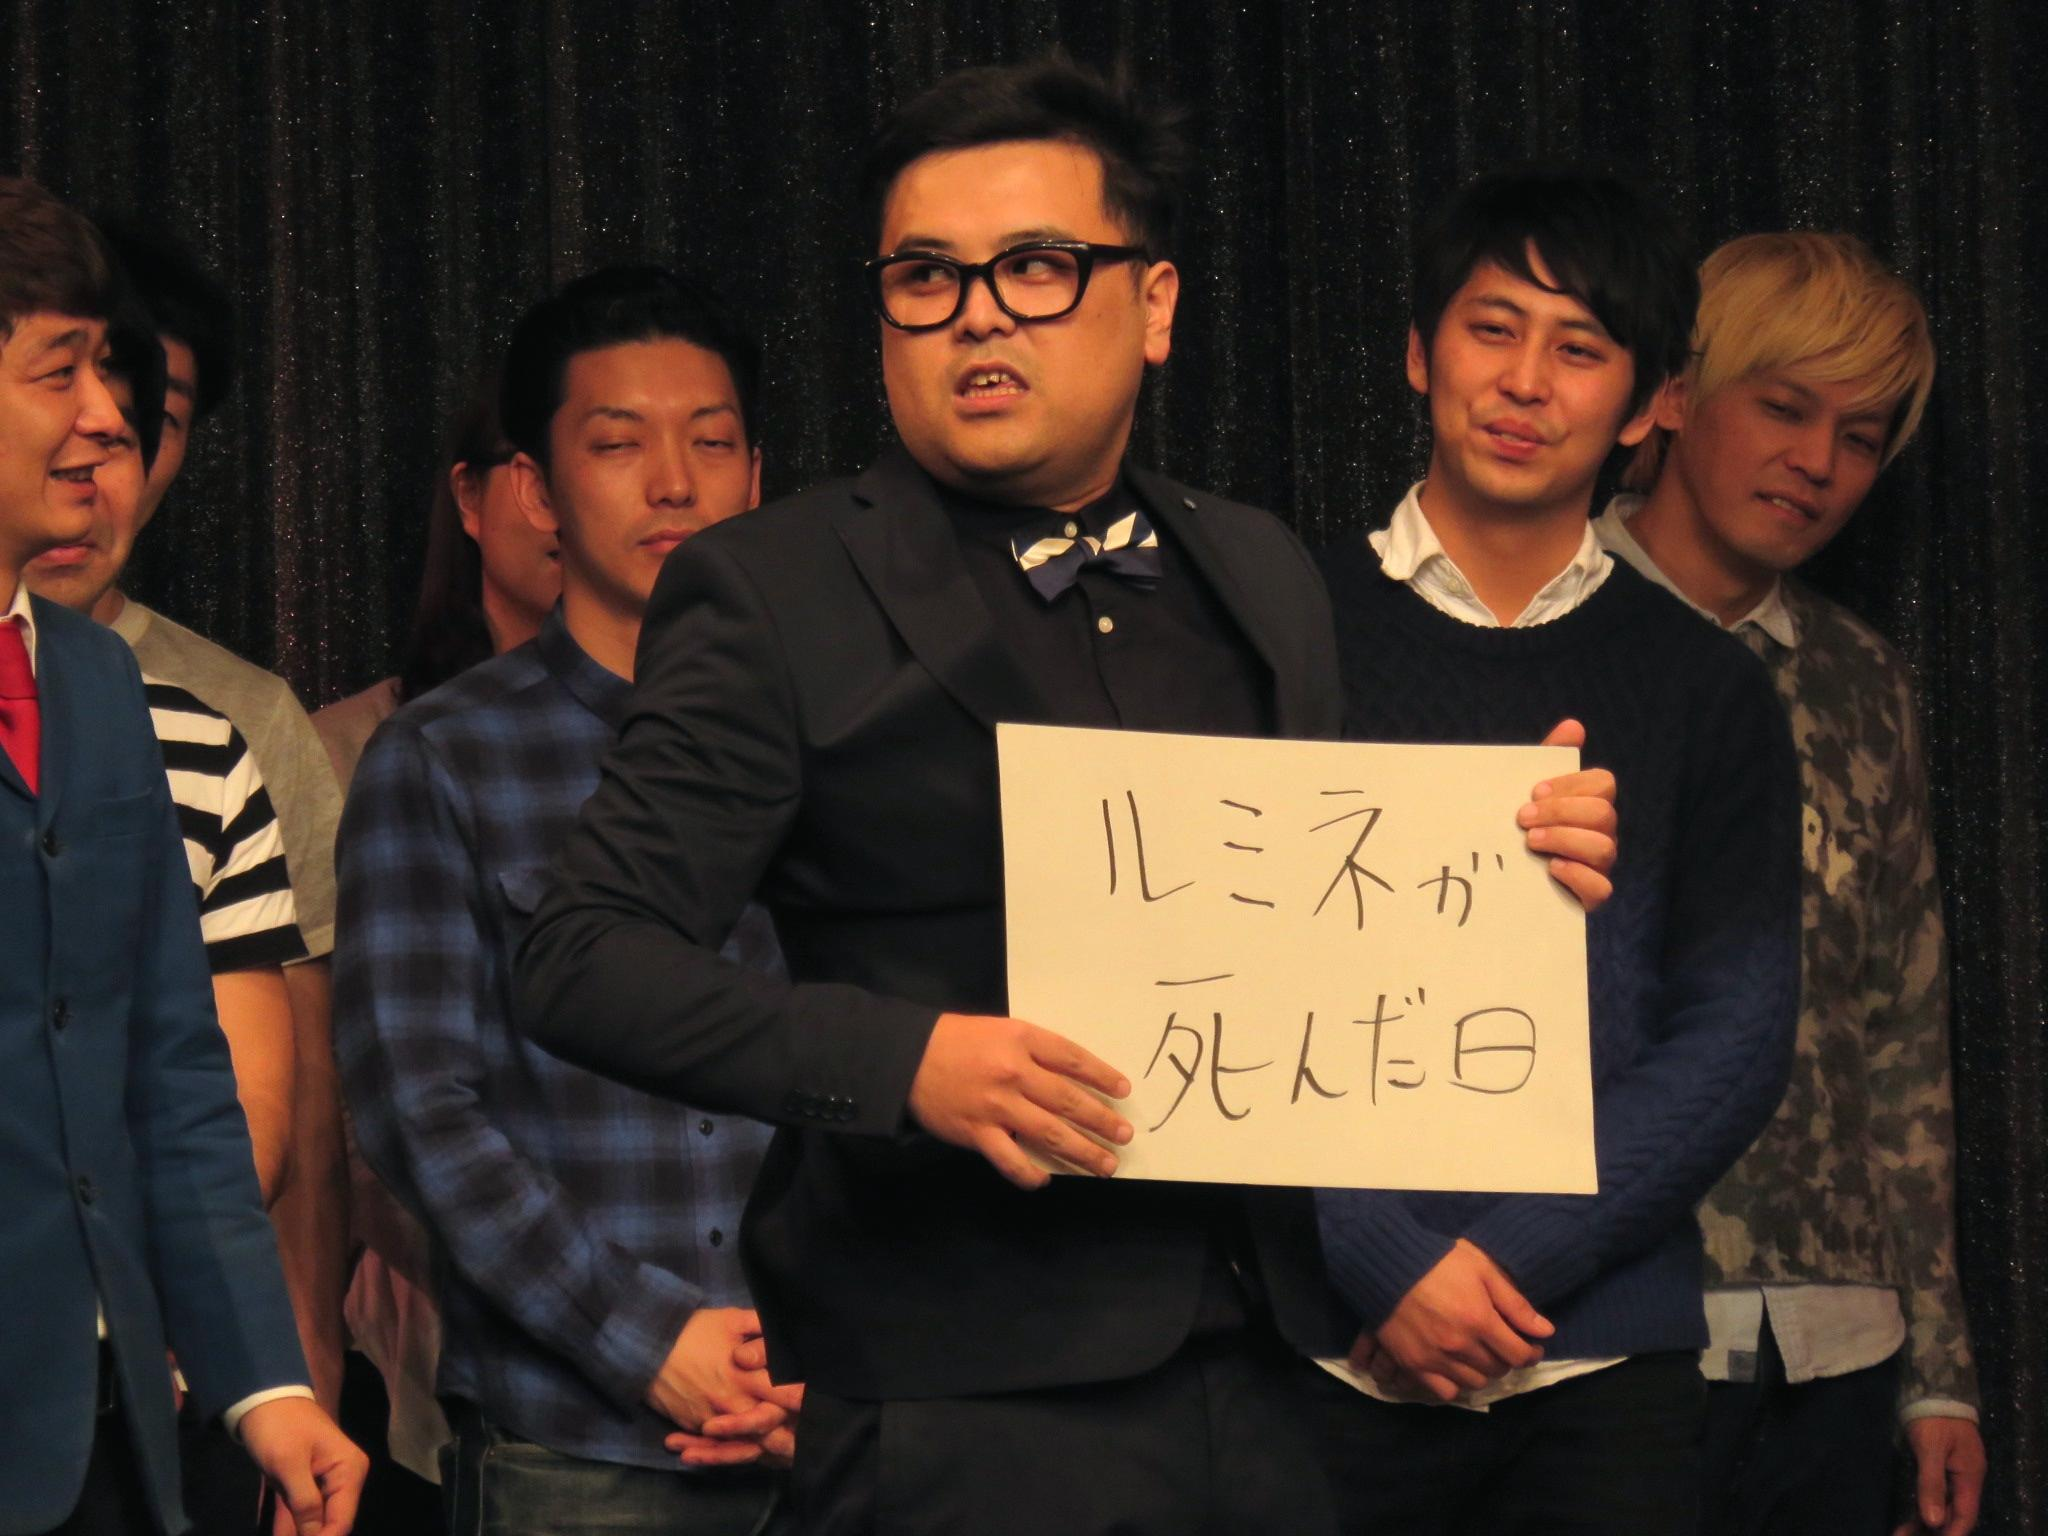 http://news.yoshimoto.co.jp/20151230170632-89d56bb822564f8493ae355646e1bef291009143.jpg